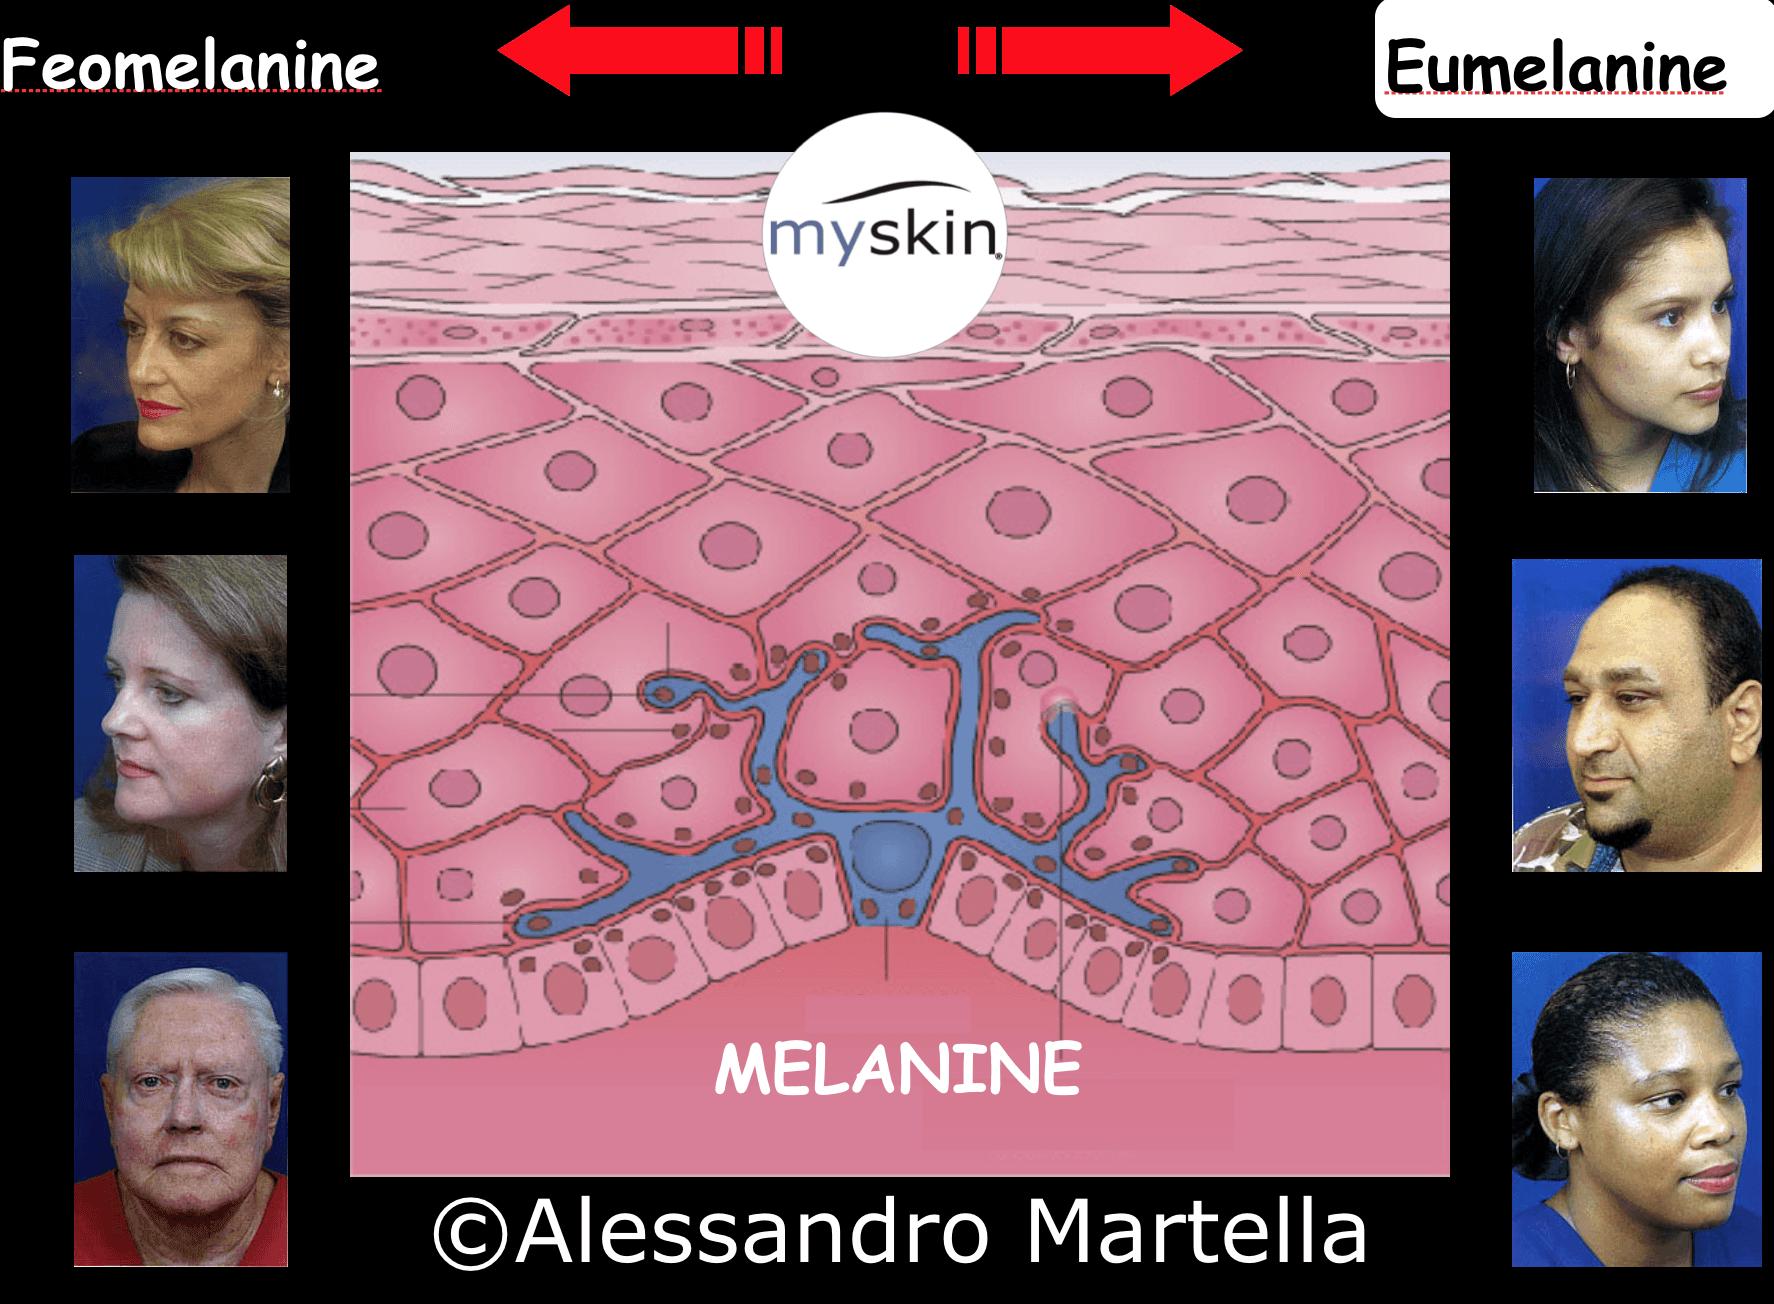 Melanine: rappresentazione schematica